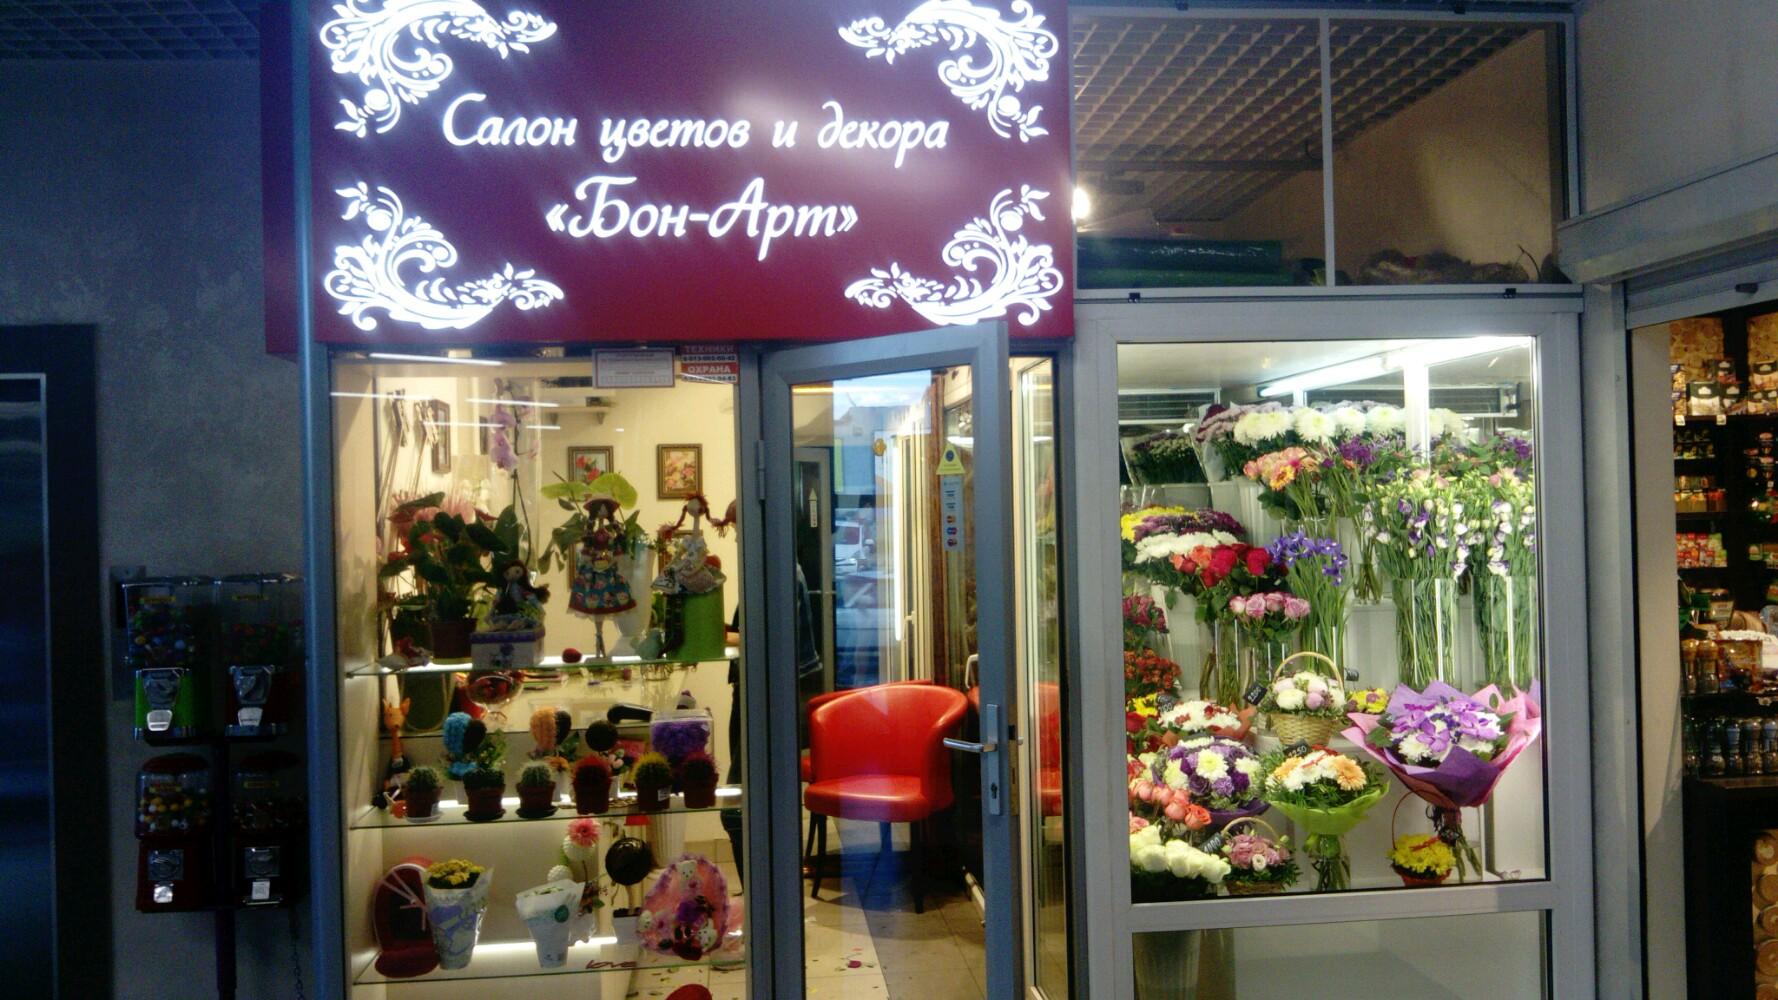 Цветы новосибирск магазины цены до 500 рублей